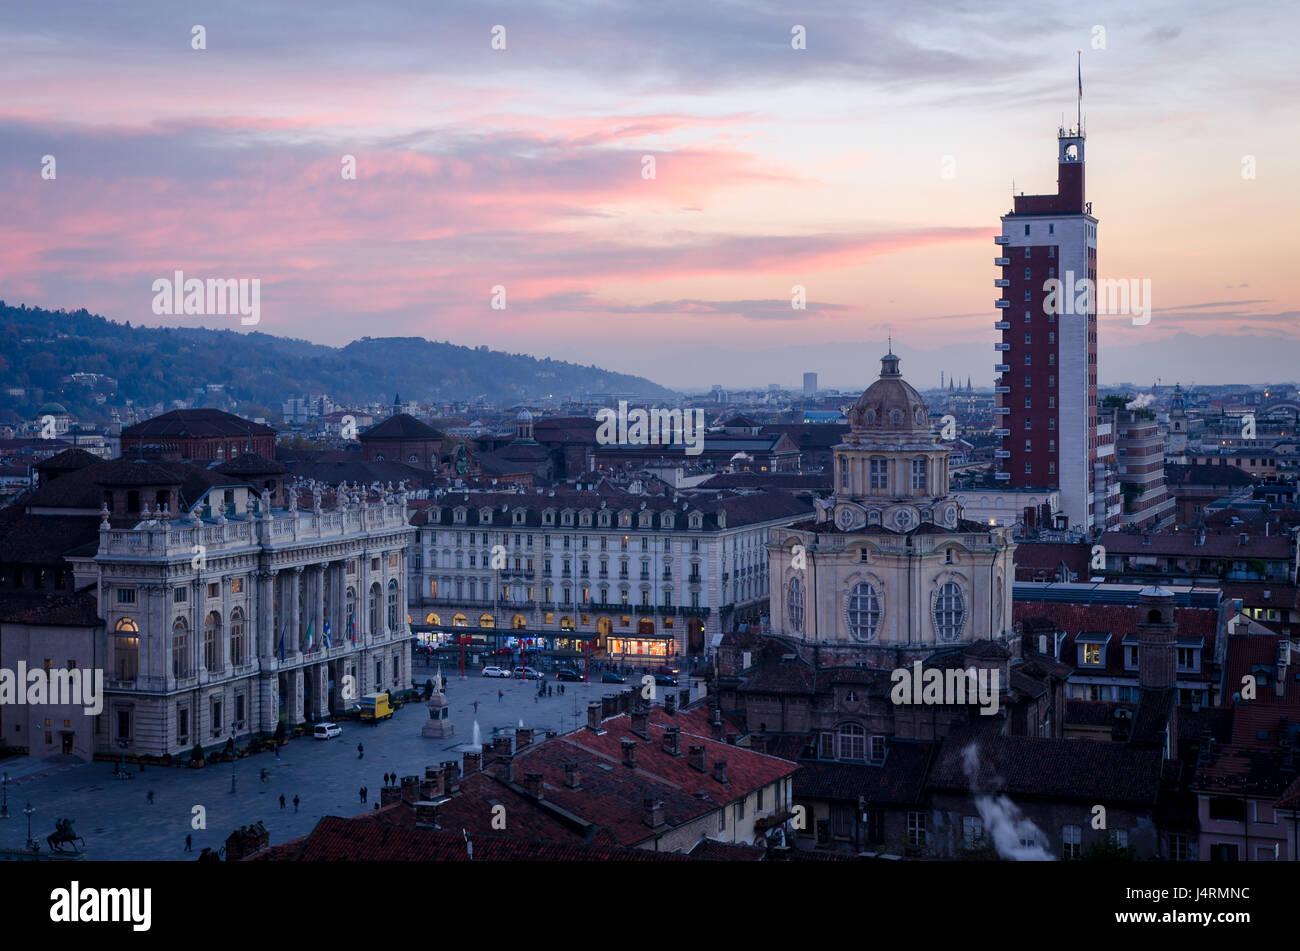 Turín, ciudad vistas de Piazza Castello al atardecer Foto de stock